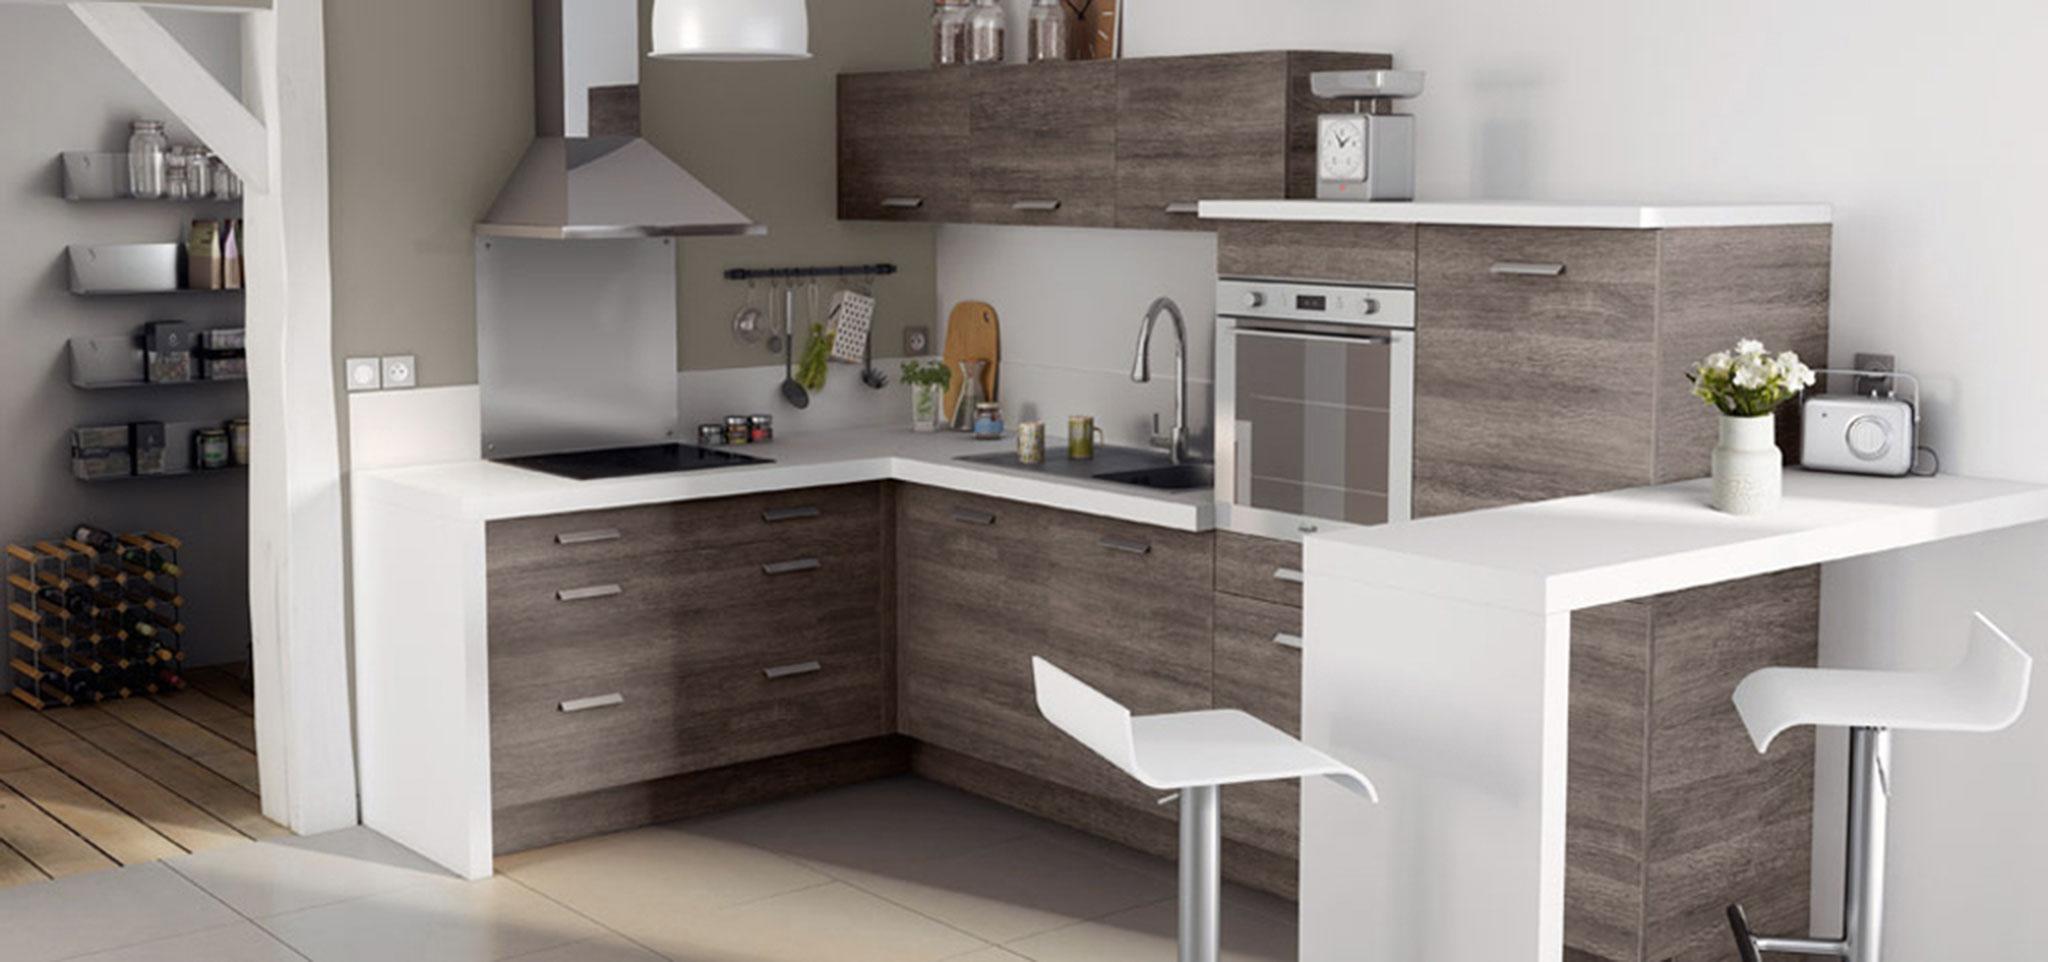 porte de cuisine am nag e mobilier design d coration d 39 int rieur. Black Bedroom Furniture Sets. Home Design Ideas